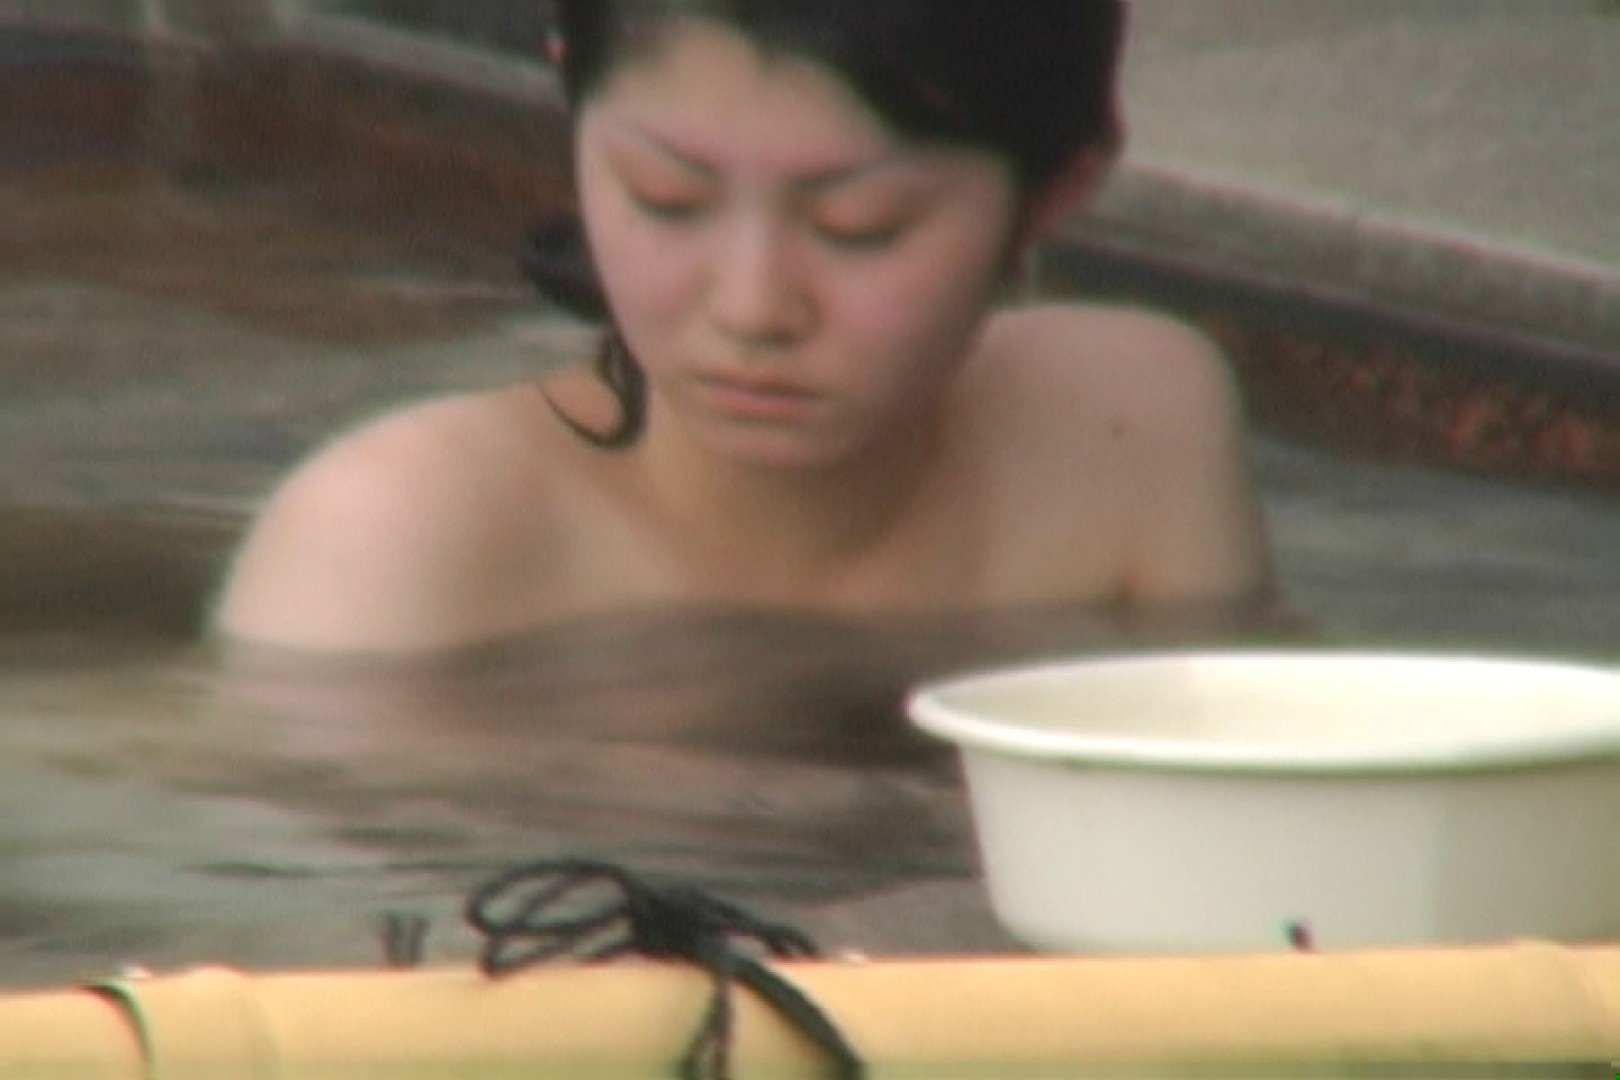 Aquaな露天風呂Vol.579 女体盗撮 隠し撮りオマンコ動画紹介 72連発 41